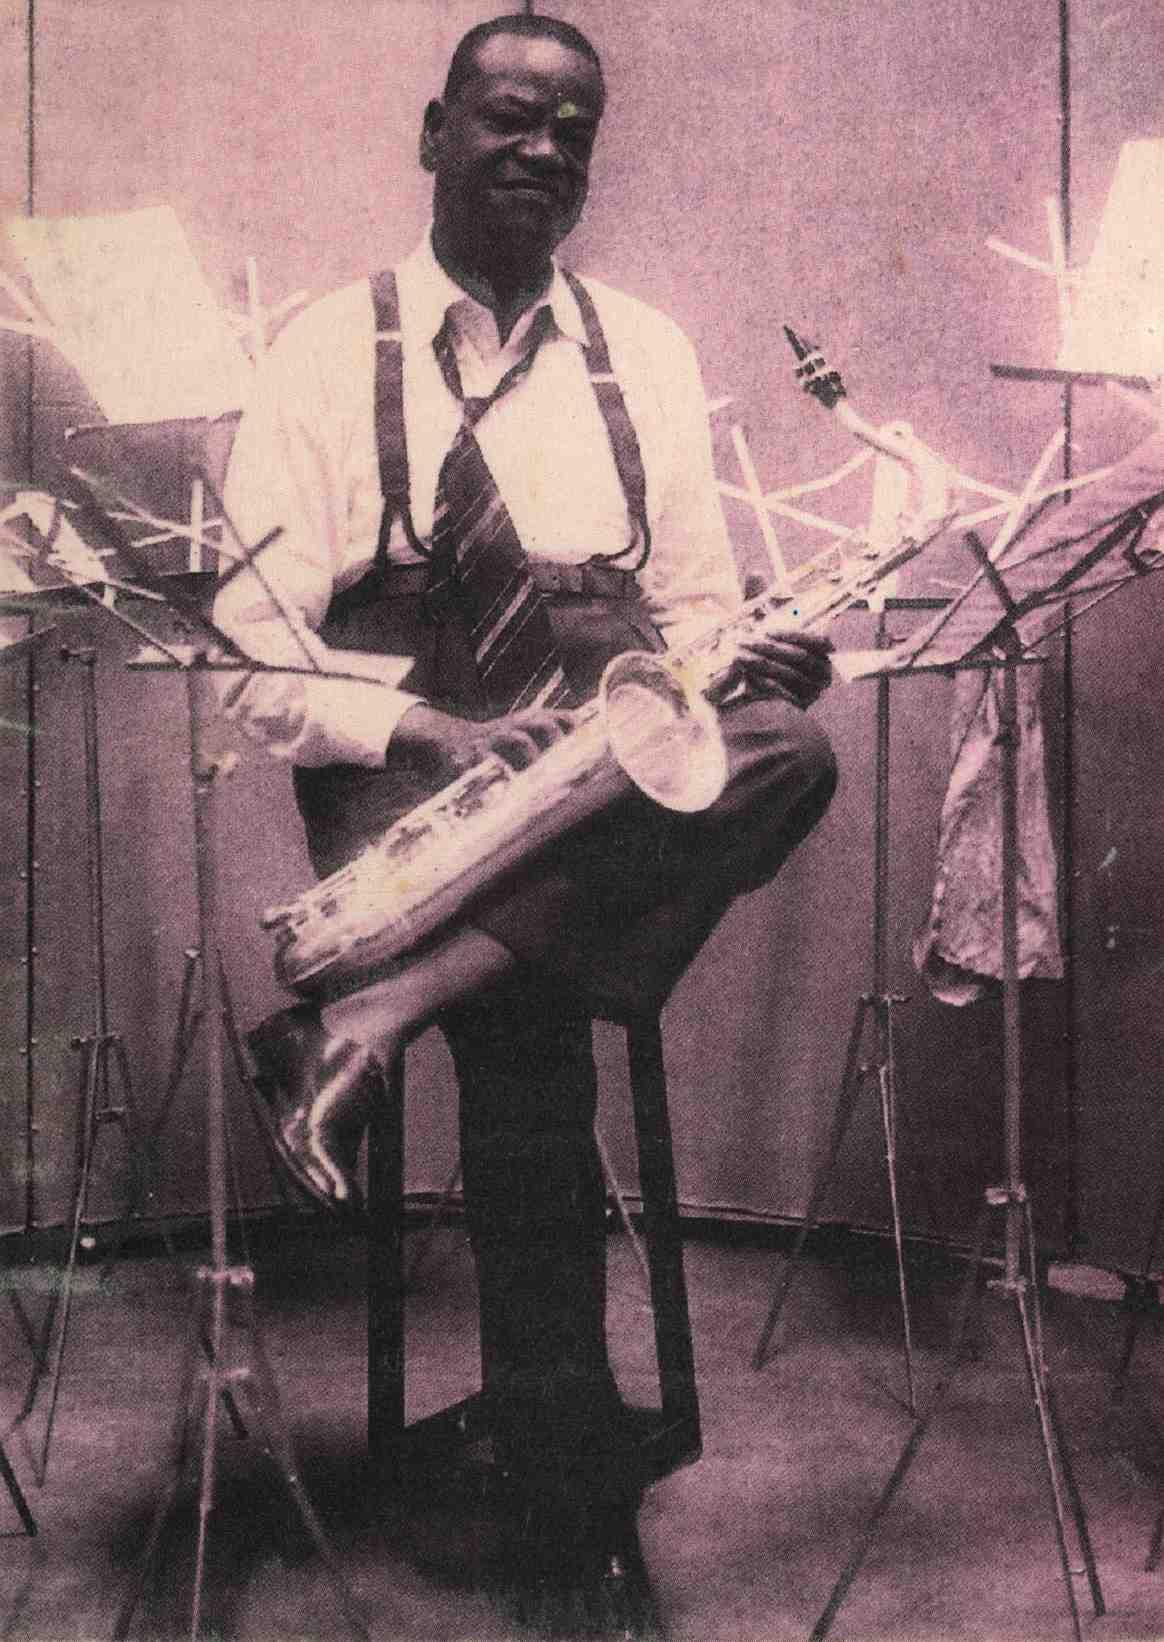 Pixinguinha no estúdio da gravadora RCA Victor. Rio de Janeiro, 1951 circa (IMS_PIX_A05F36P11 / Acervo Pixinguinha / IMS)